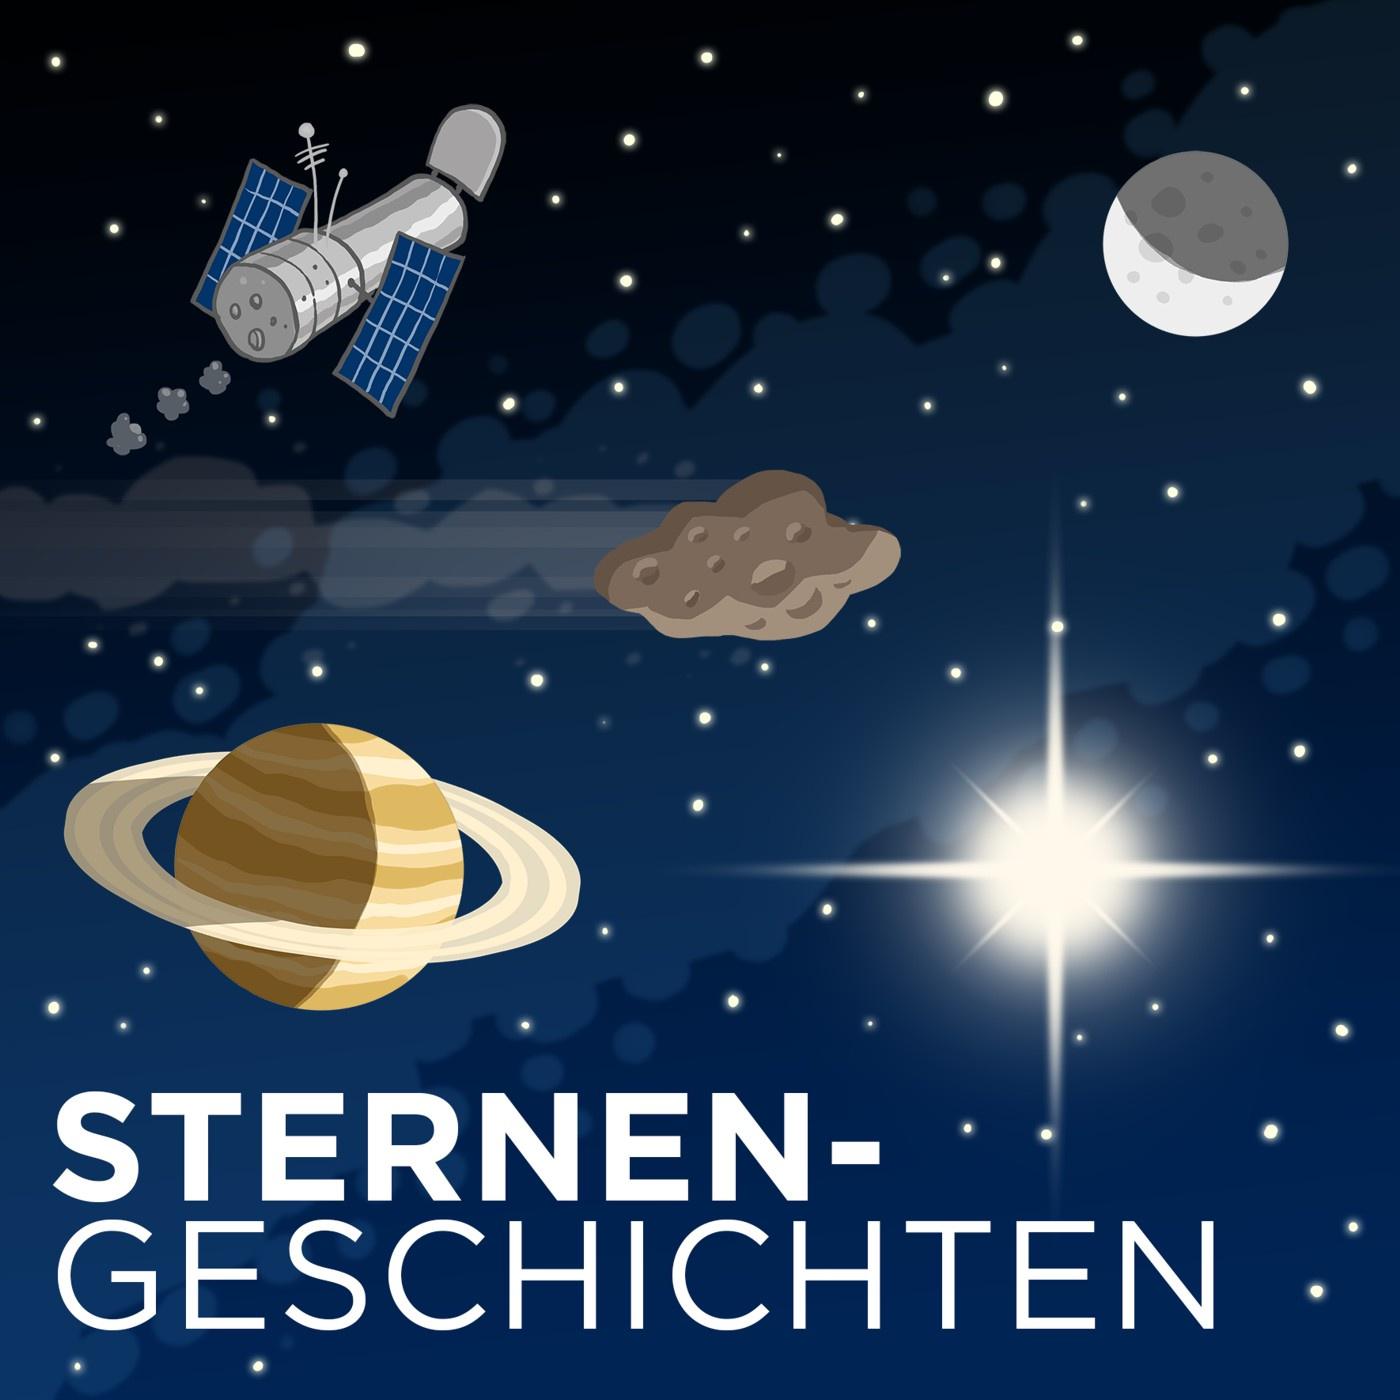 Sternengeschichten Folge 433: KIC 8462852 und die angebliche Alien-Zivilisation